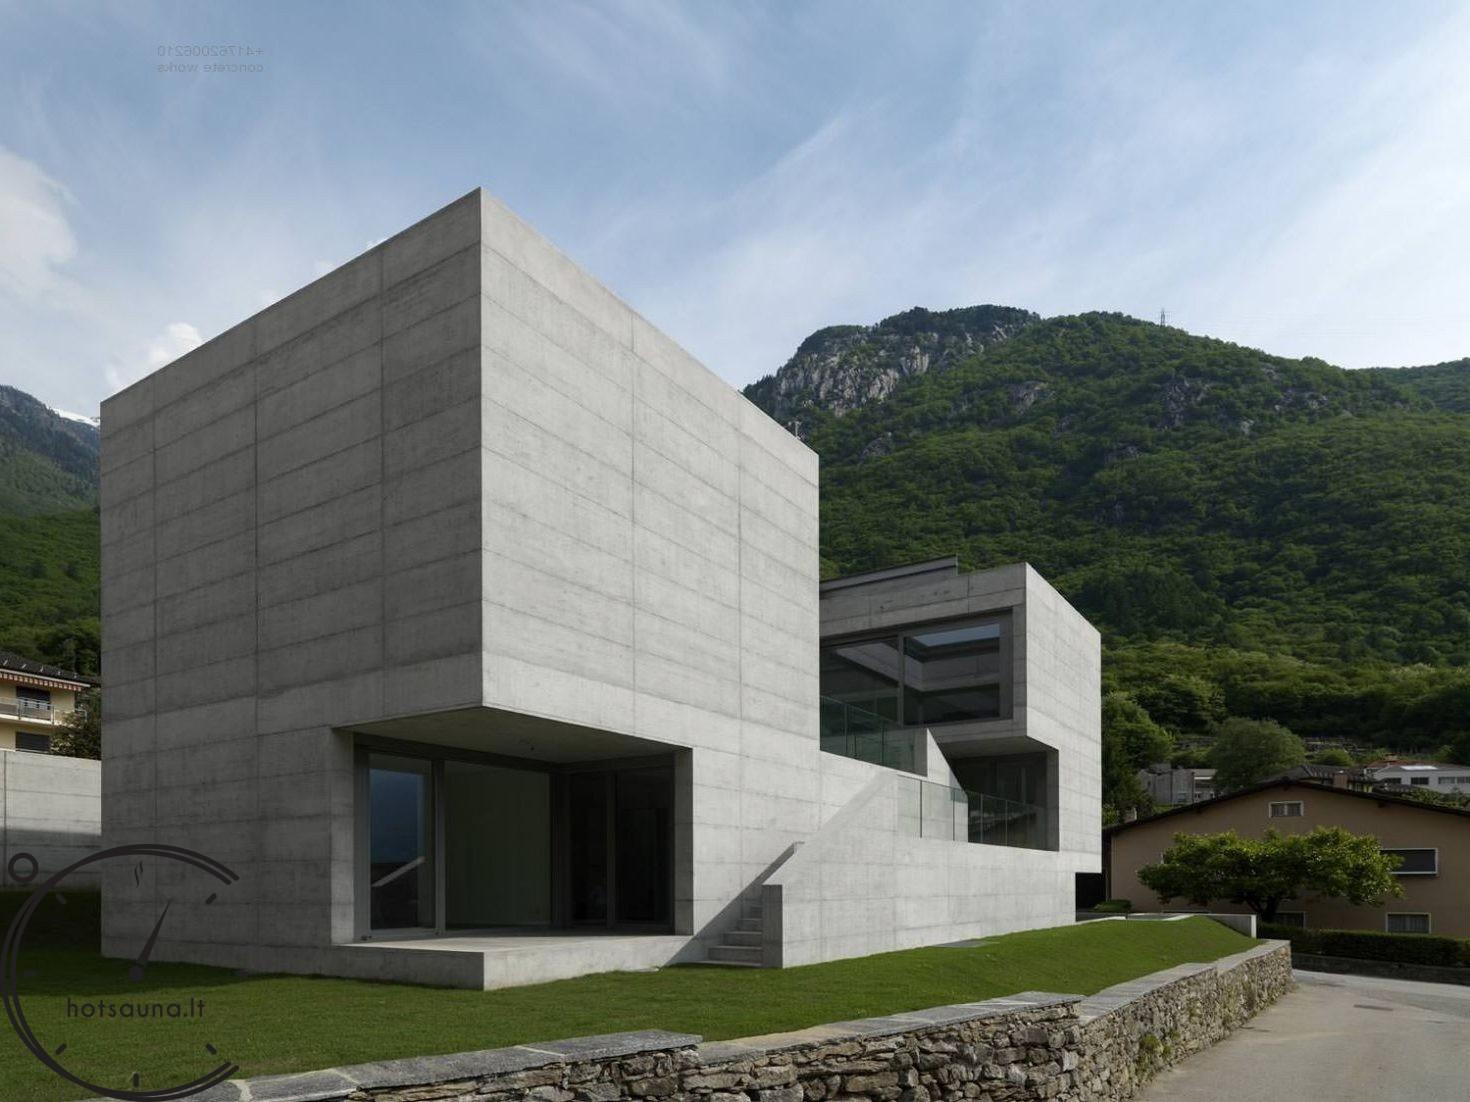 concrete house concrete works (17)